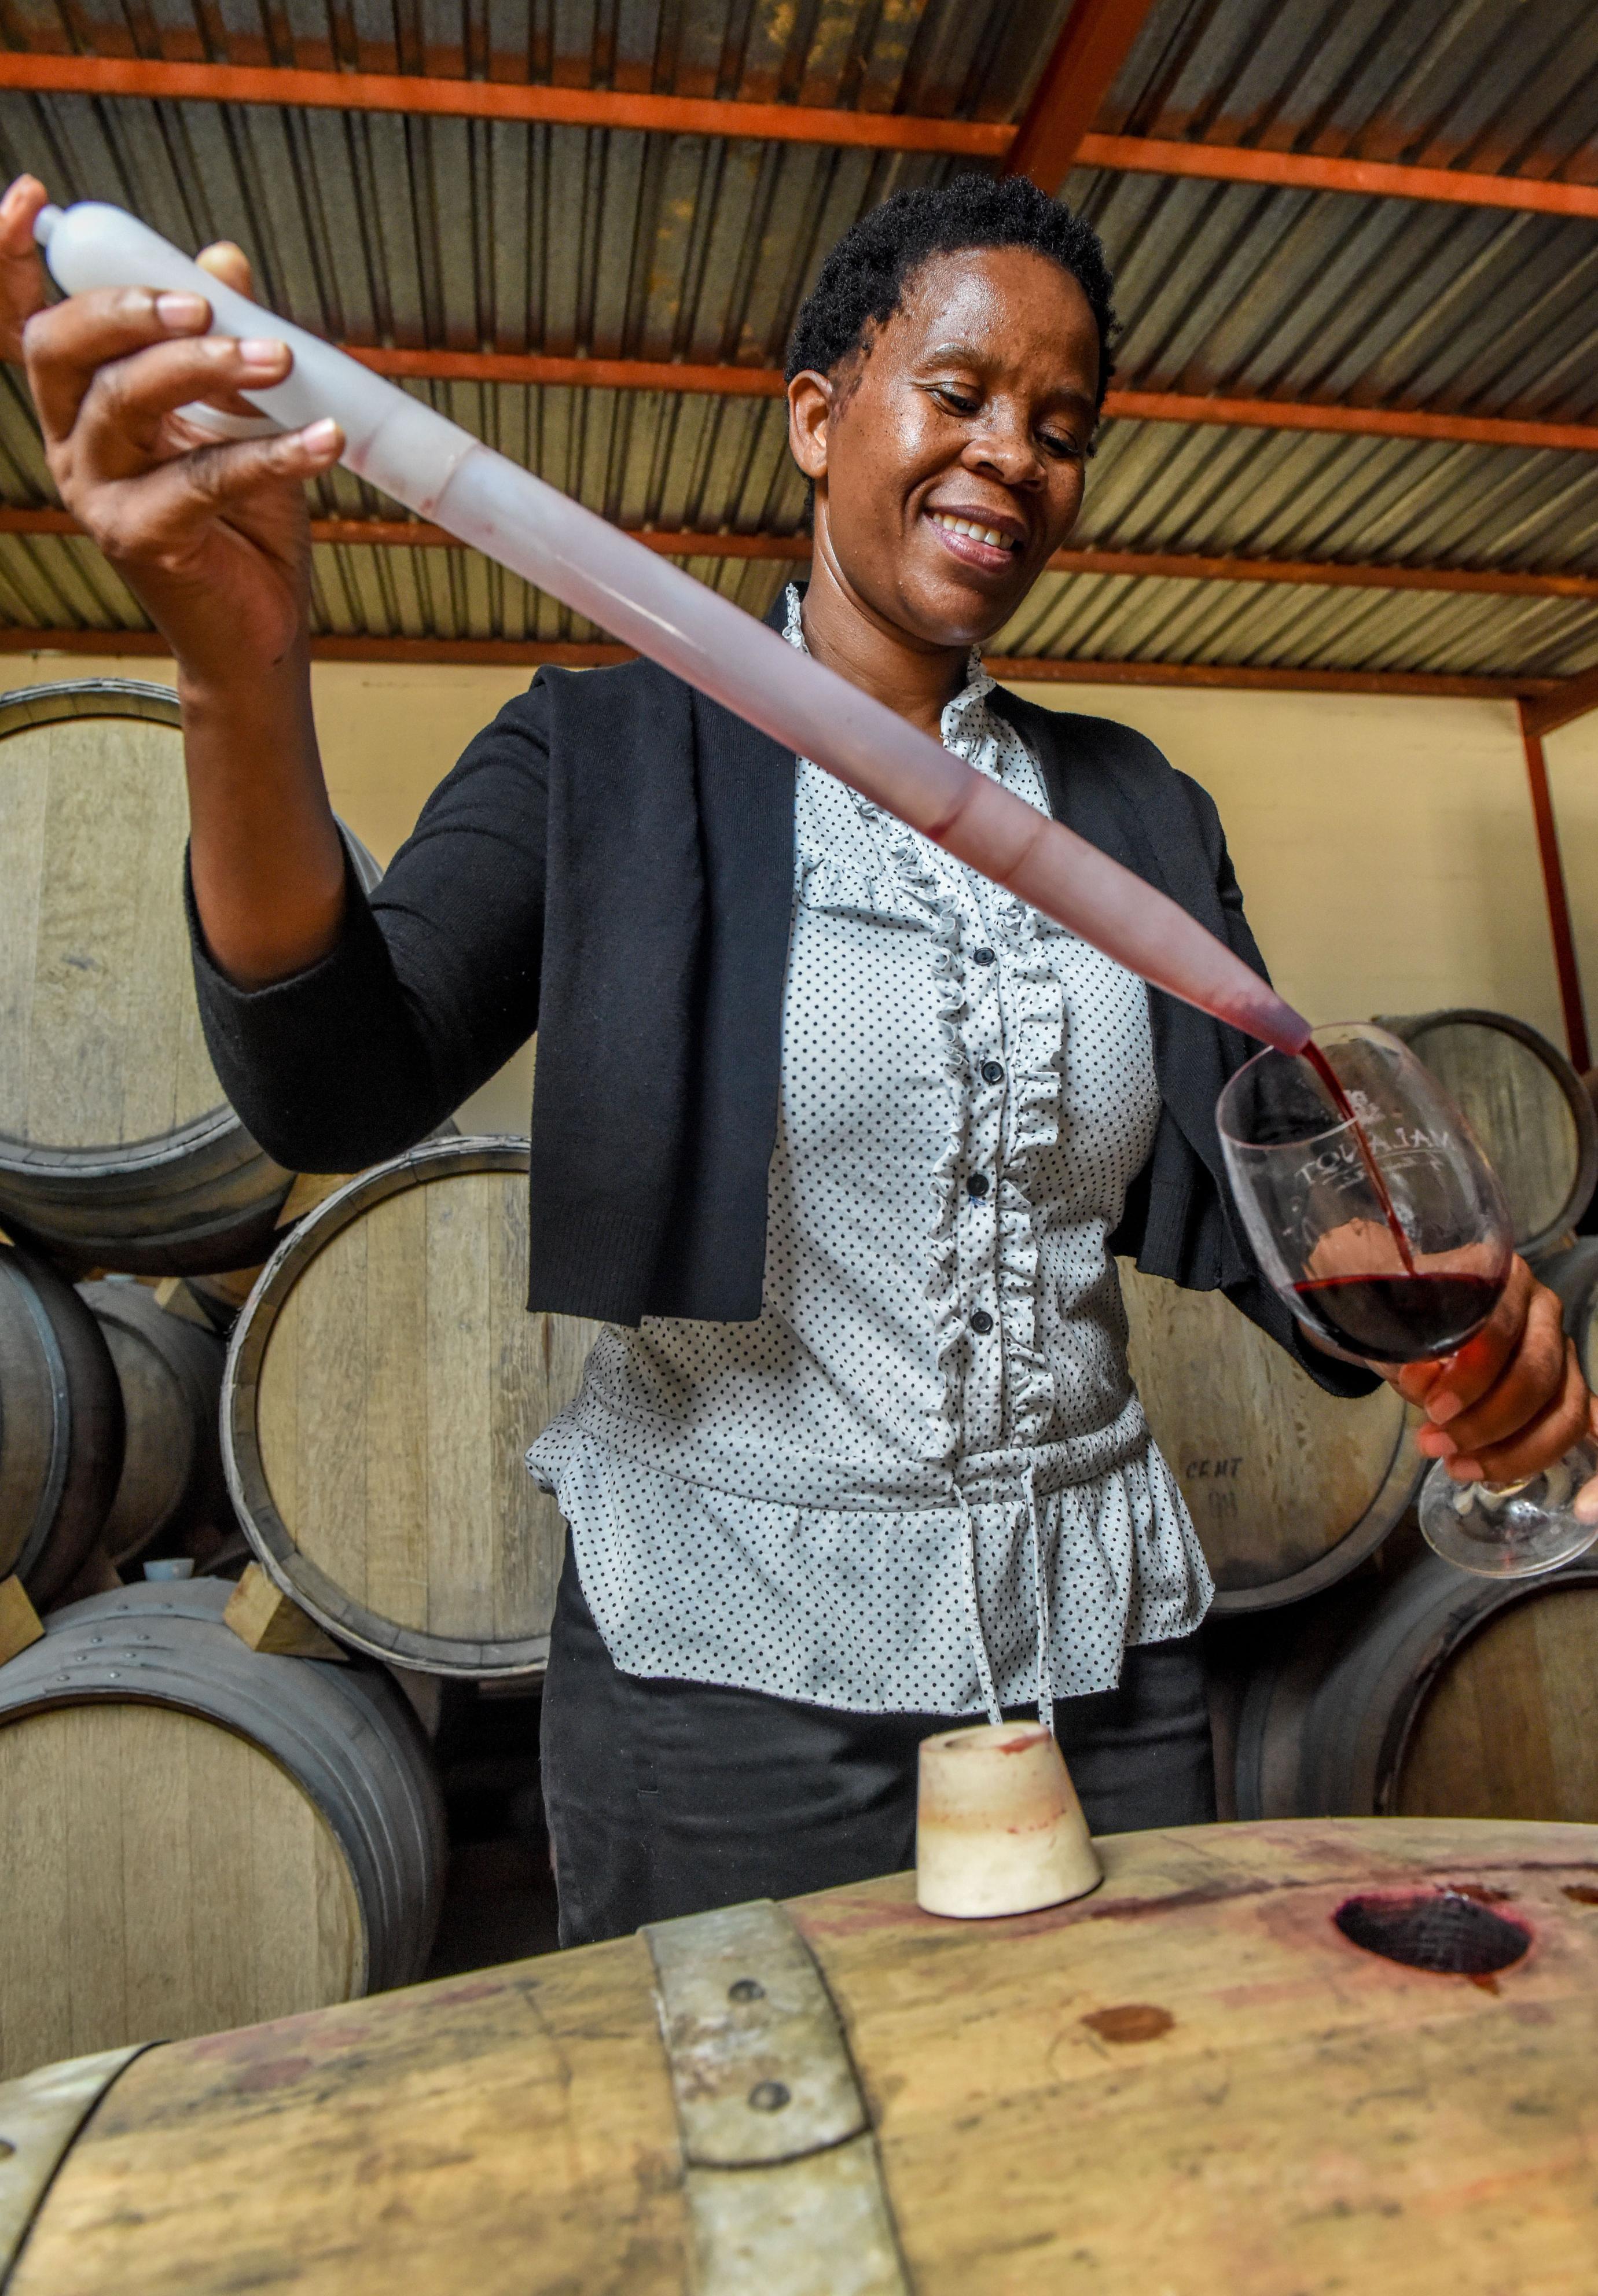 仕込んだワインを試飲するため、樽から取り出す黒人女性醸造家の先駆者、ヌツィキ・ビエラ=ステレンボッシュ